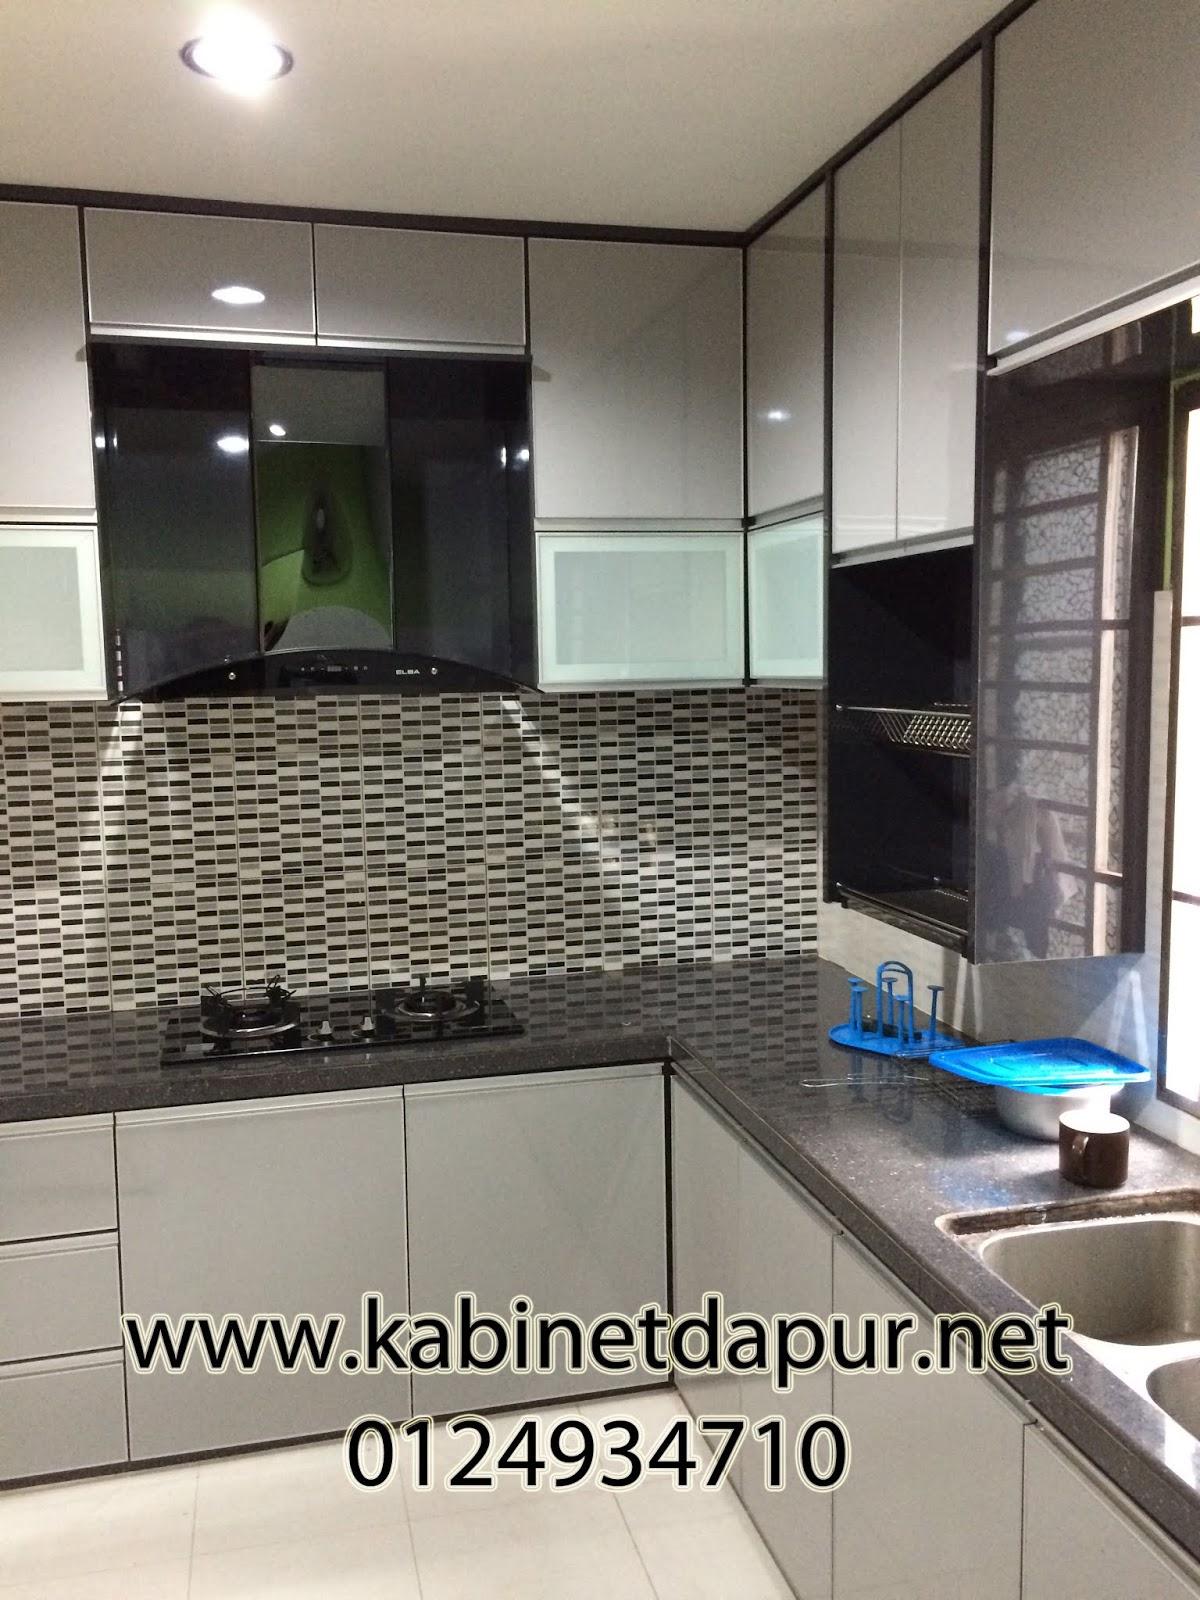 Ini Projek Kabinet Dapur Terbaru Kami Di Taman Cermai Jitra Table Top Konkrit Mozek 2 Kaki Pintu Material Formika Aluminium Handle